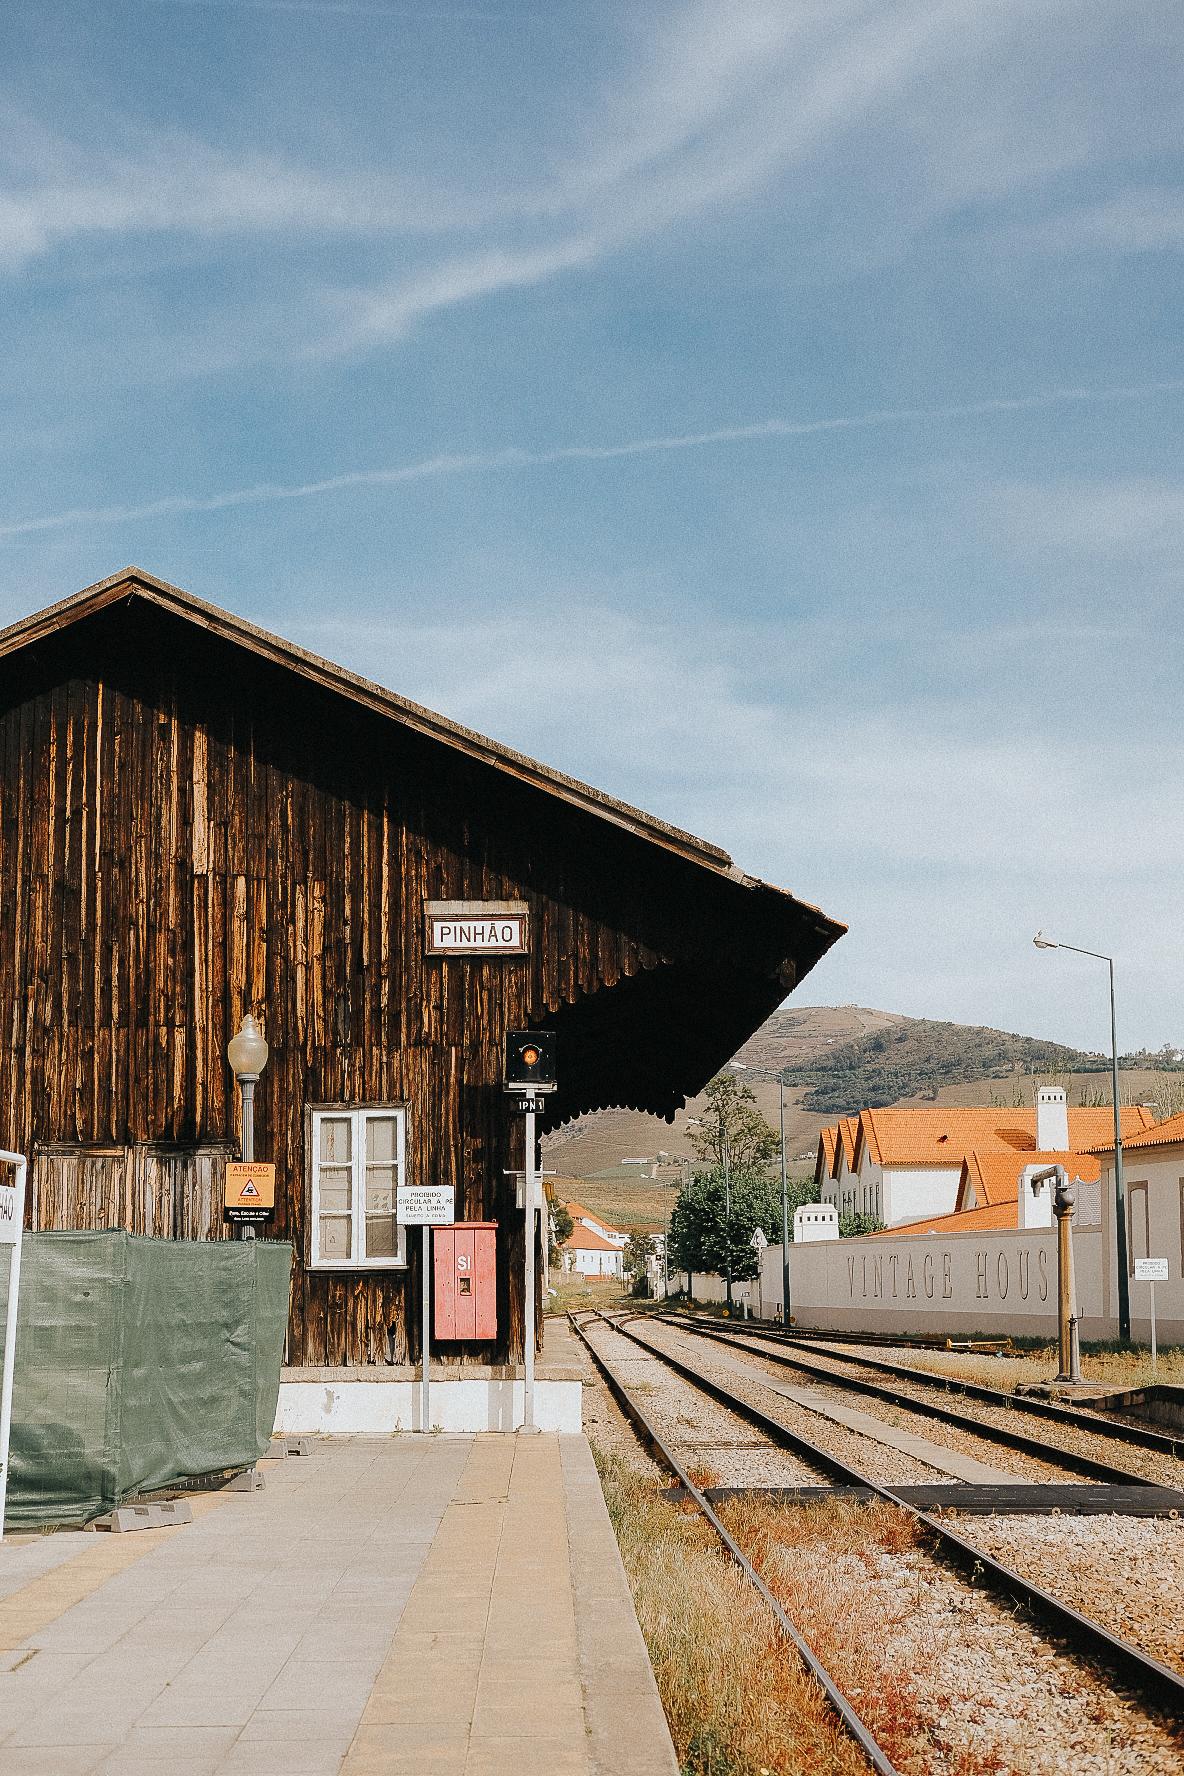 La estación de tren de Pinhão – ¡obligatorio!